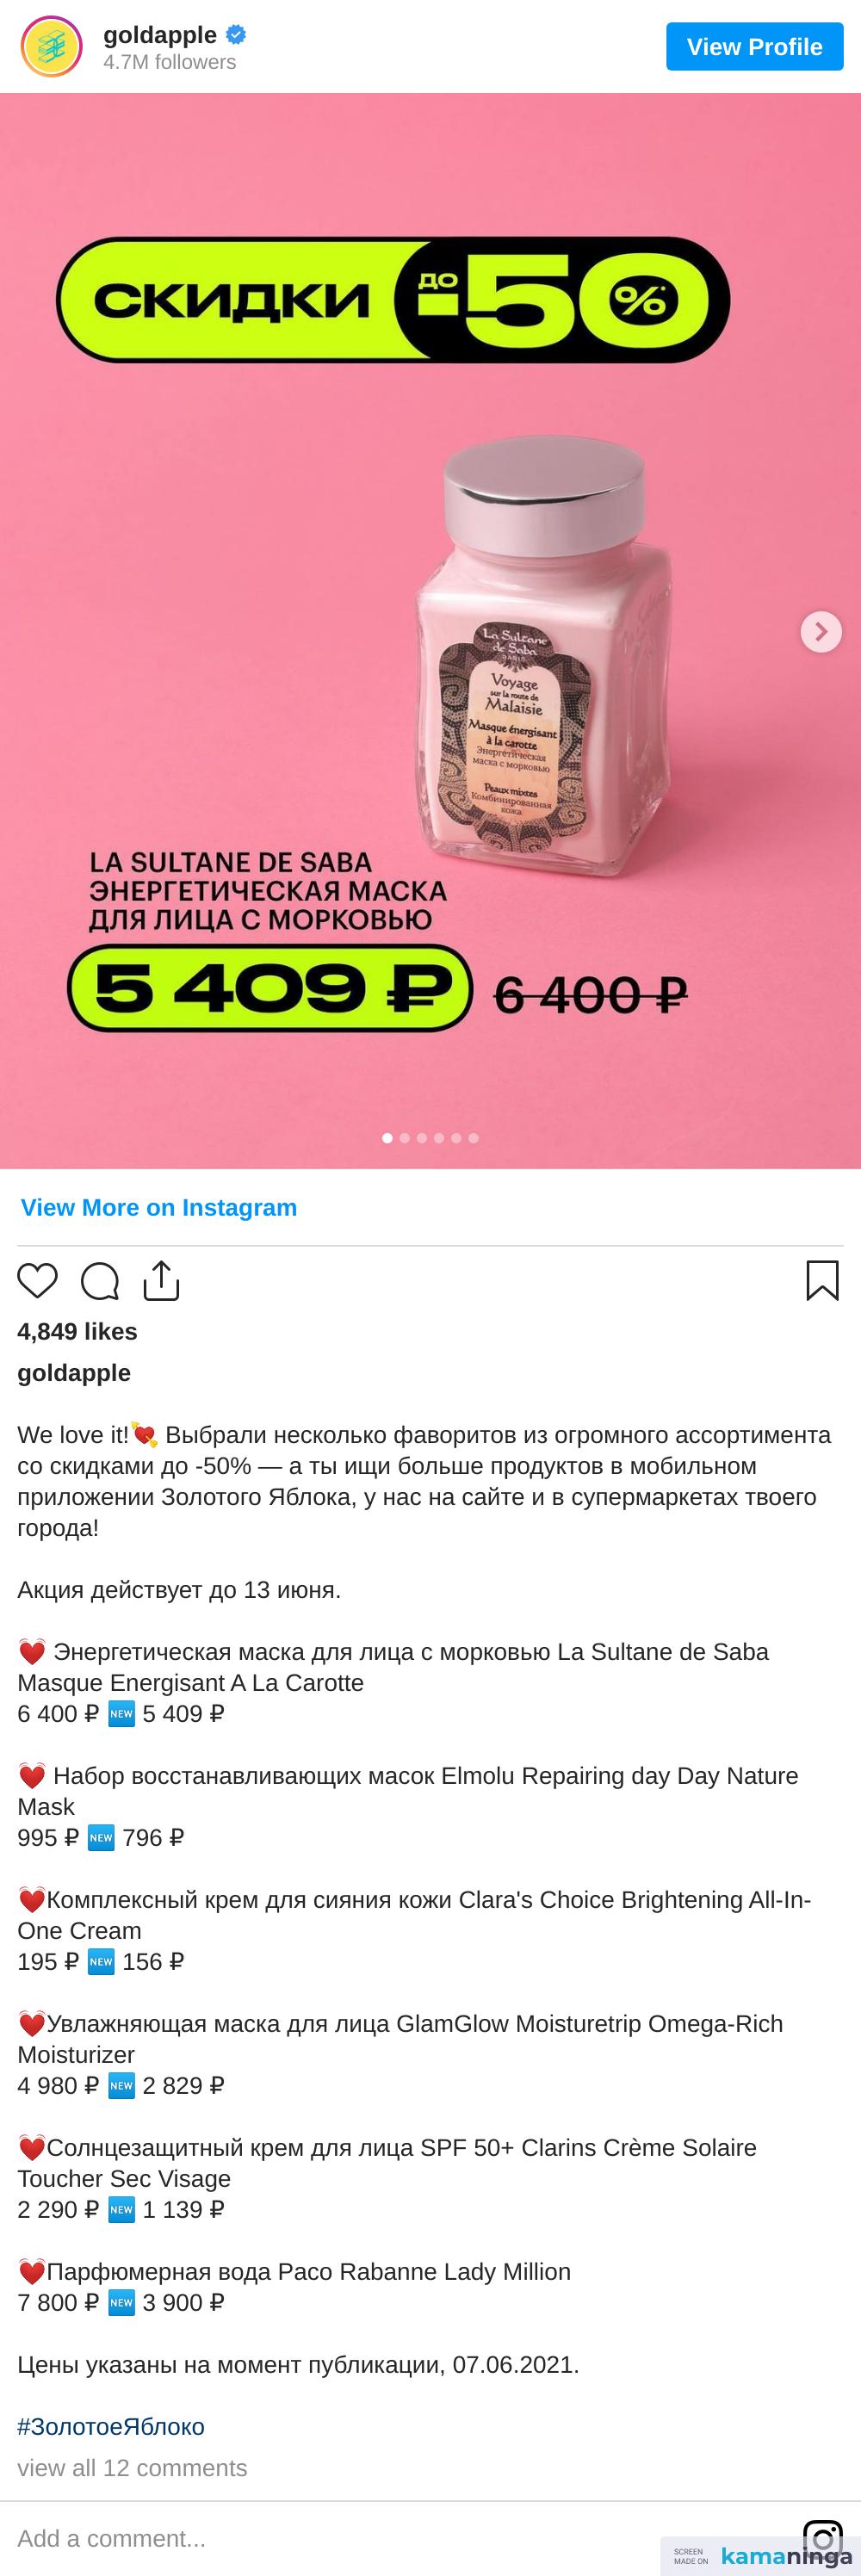 https://www.instagram.com/p/CPzuMSIhRRE/